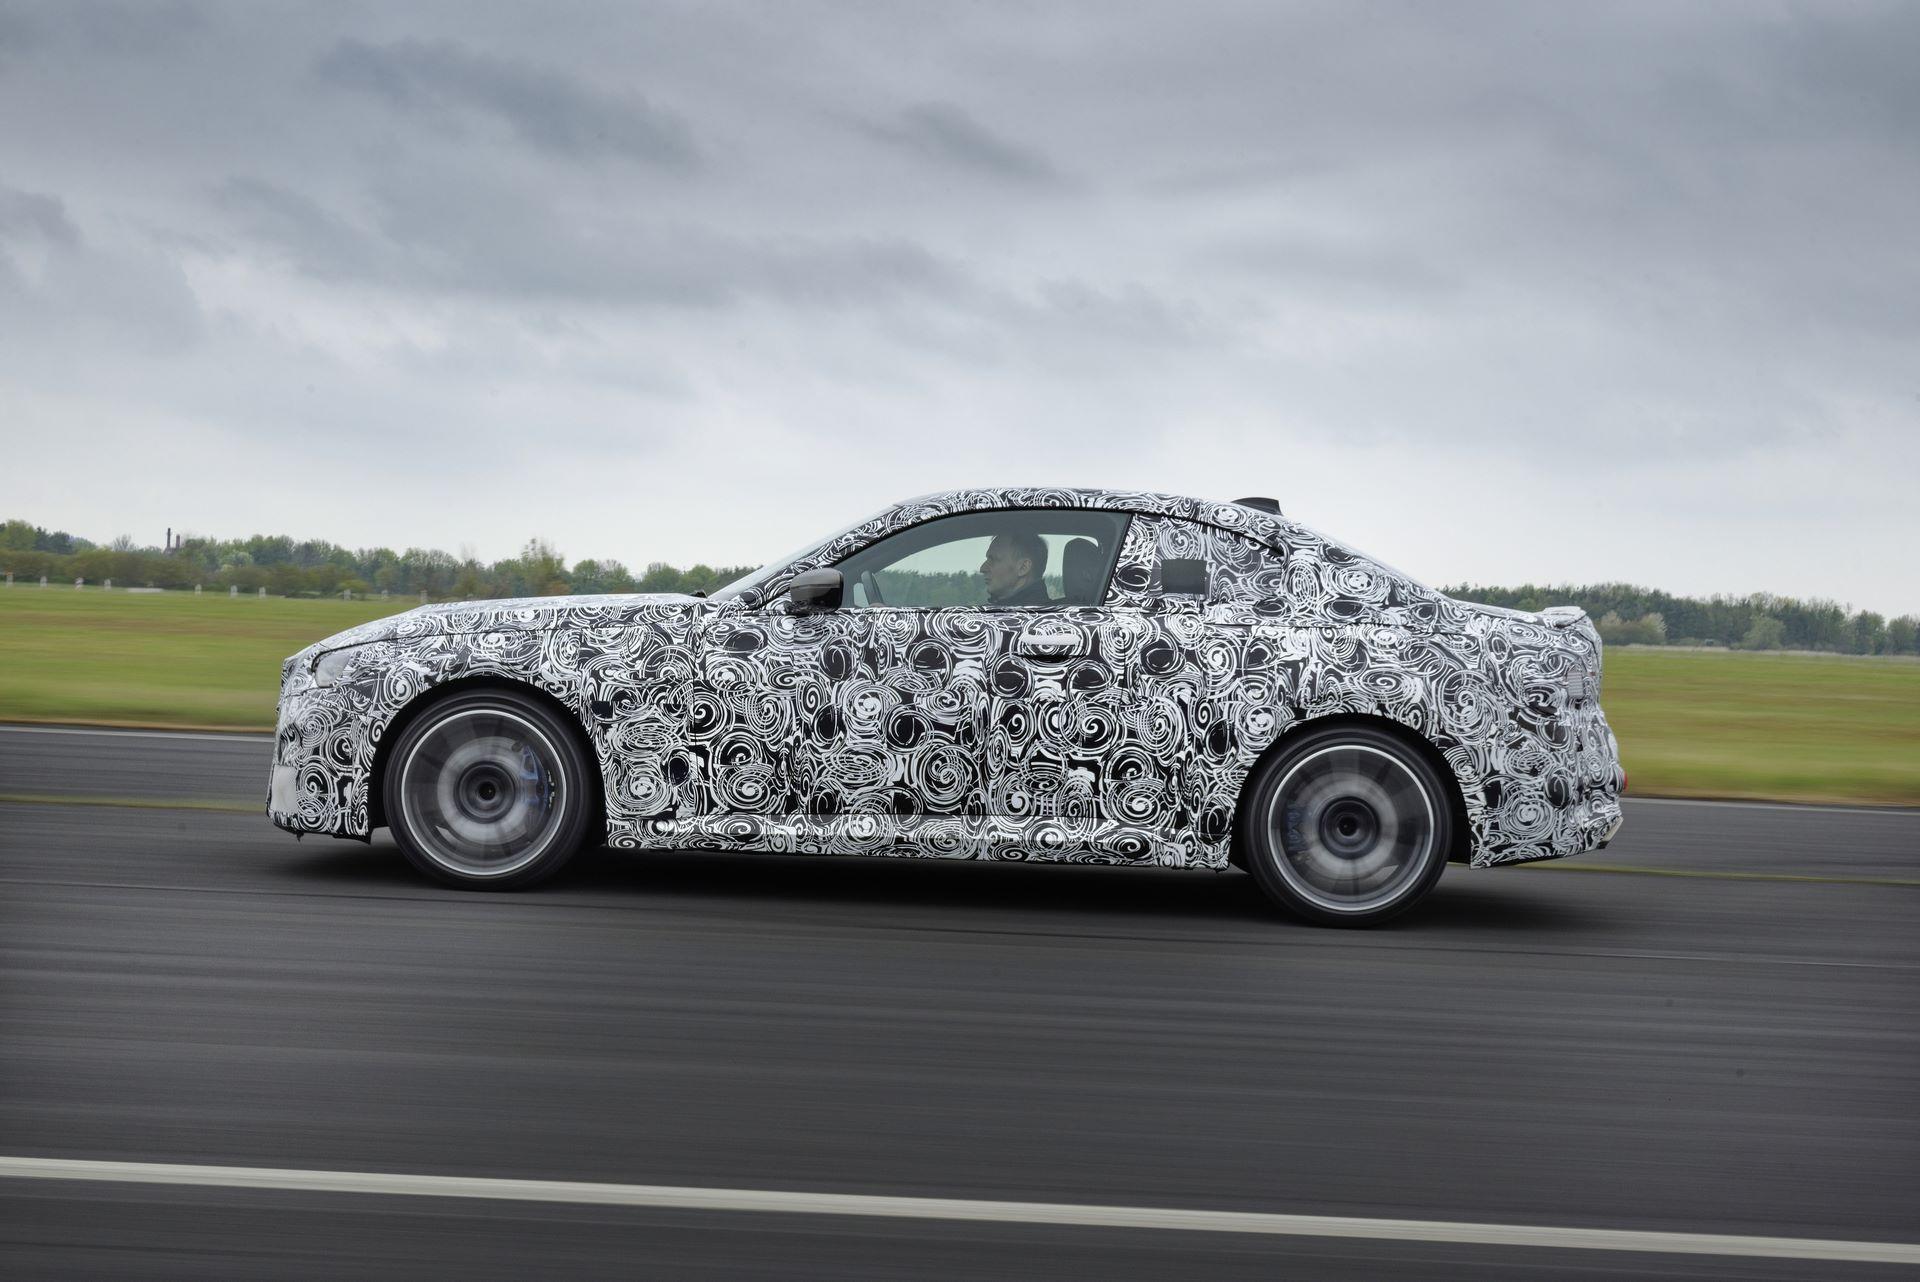 BMW-2-Series-M240i-spy-photos-71